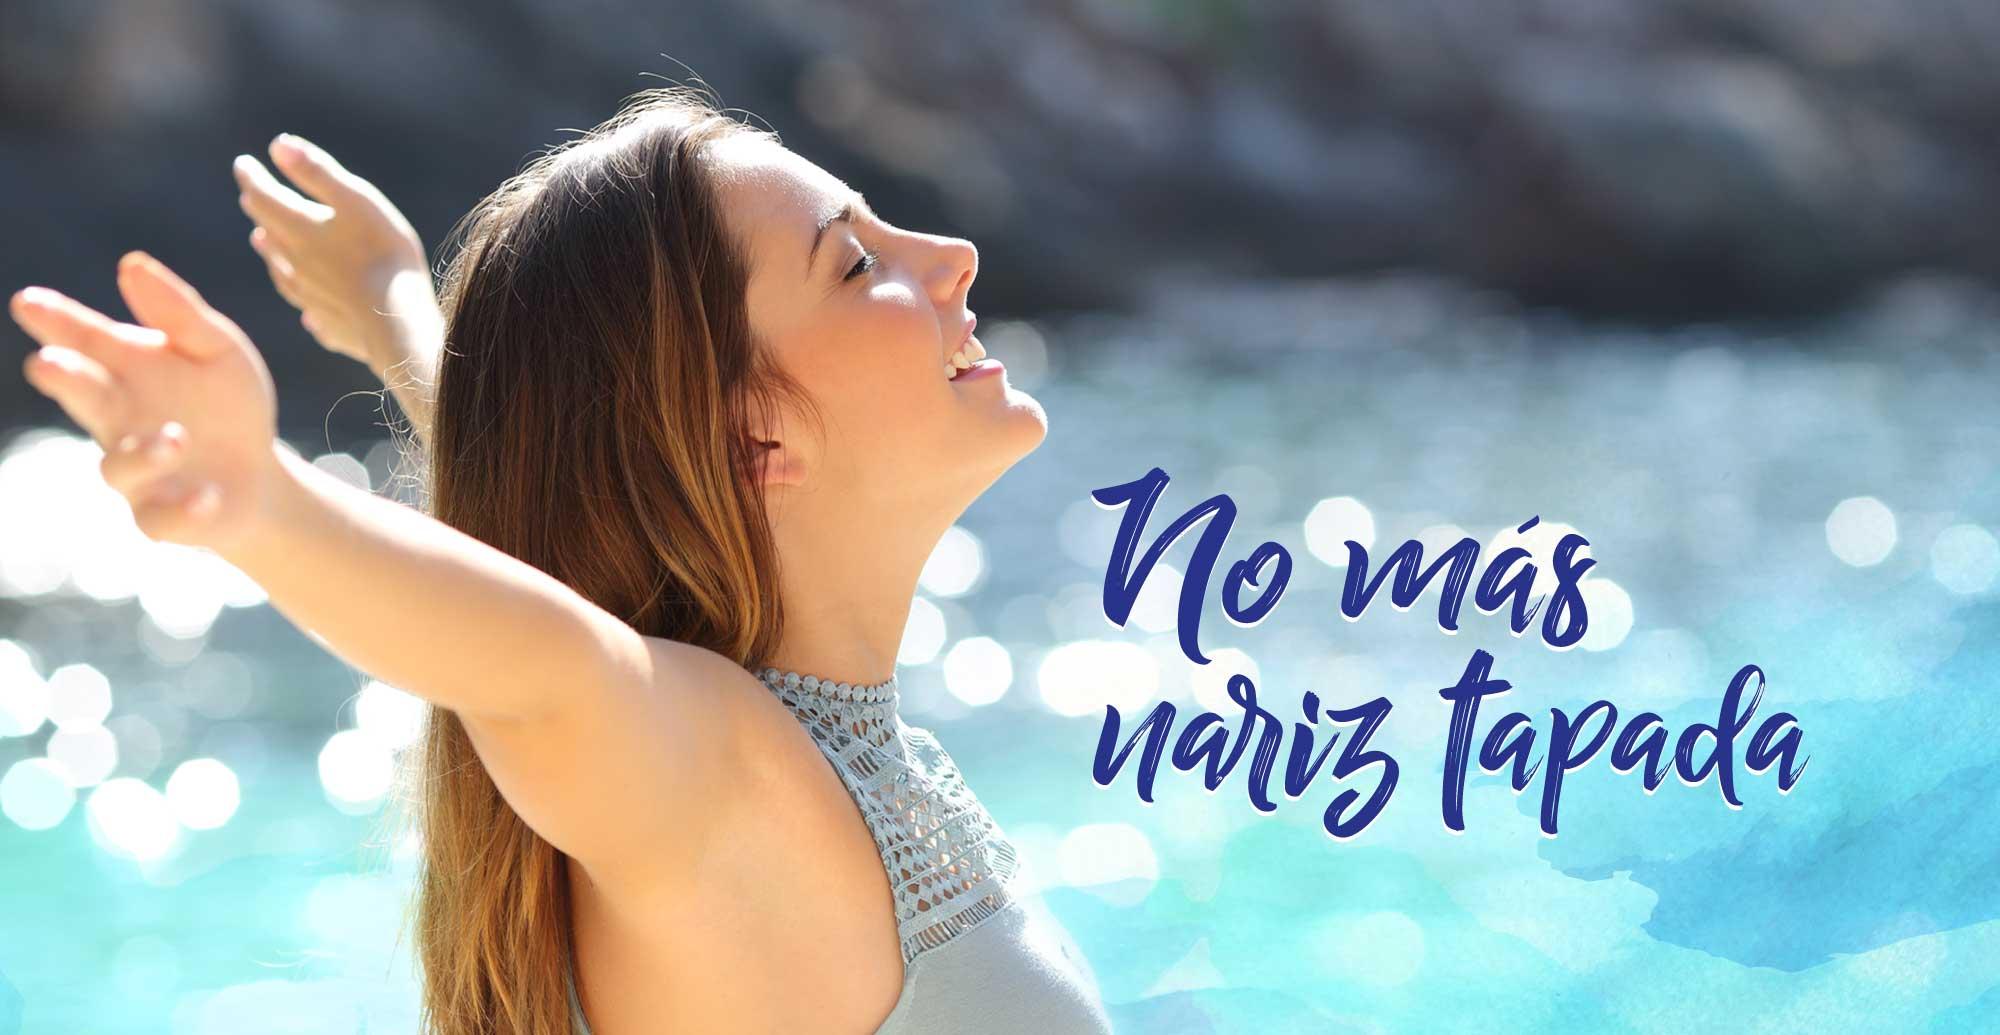 slide-no-mas-nariz-tapada1